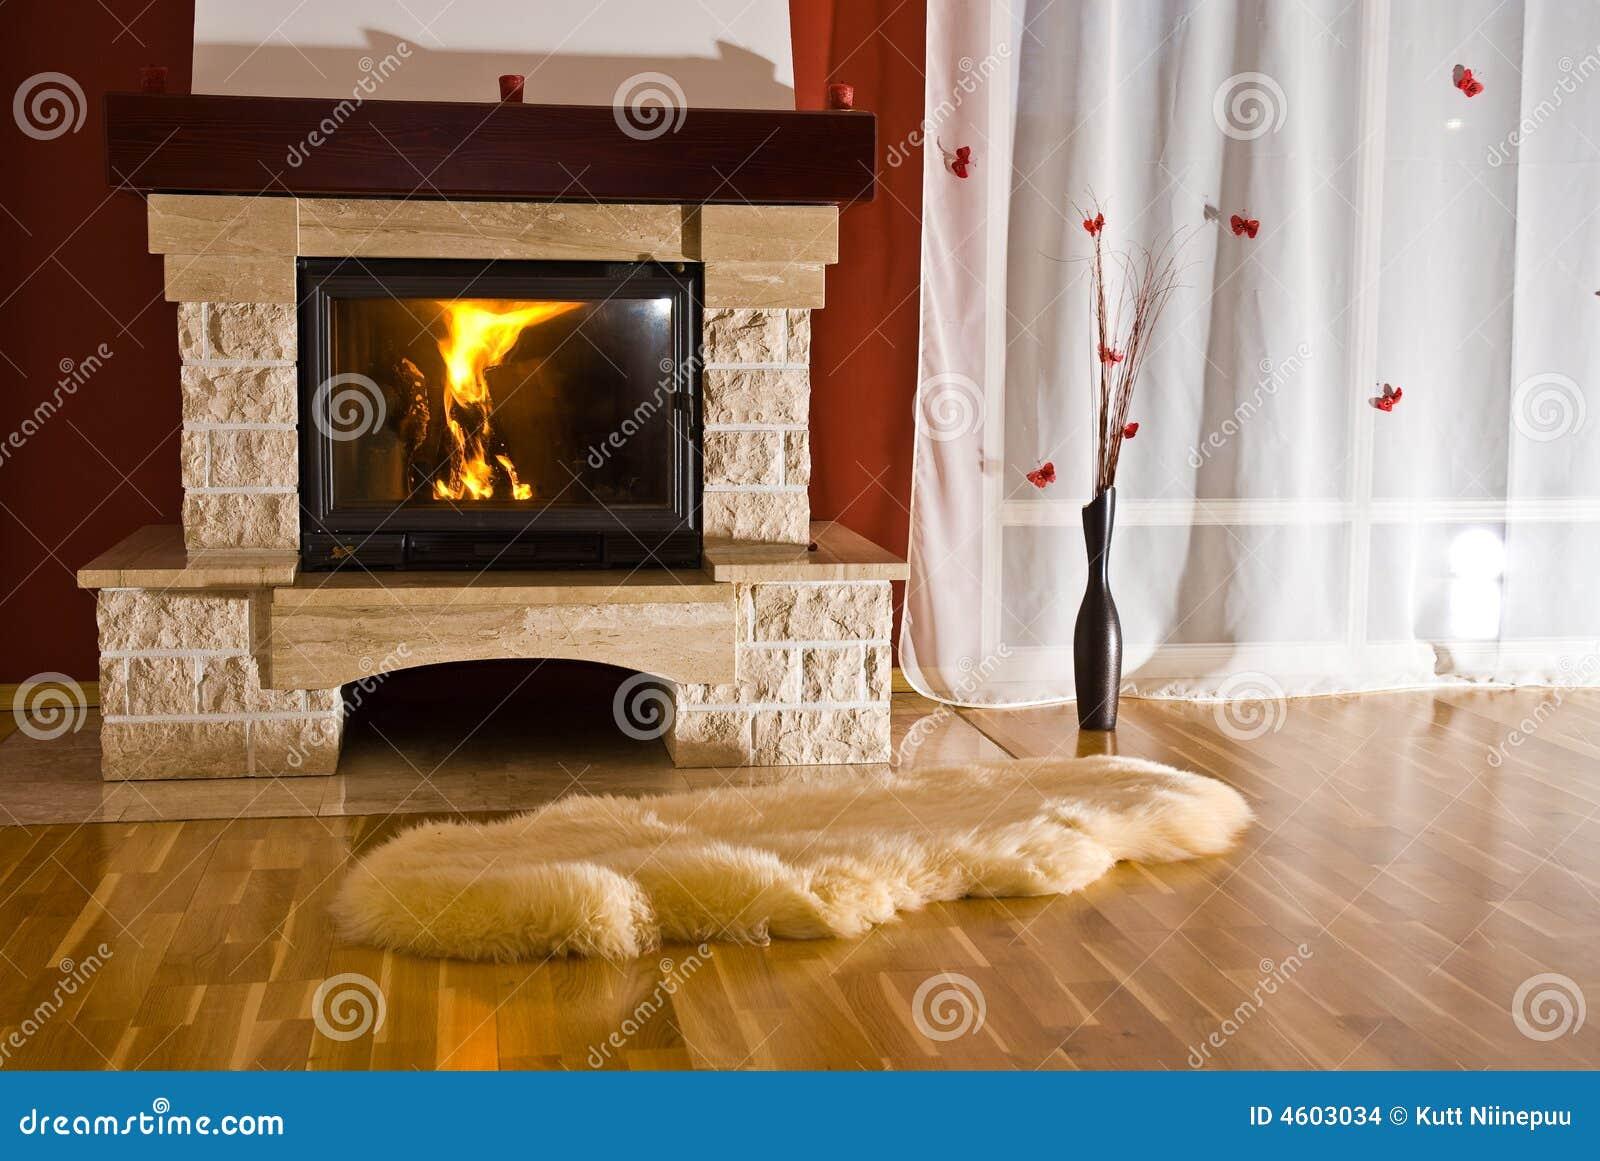 De open haard en de deken van het huis stock afbeeldingen afbeelding 4603034 for Huis open haard mantel